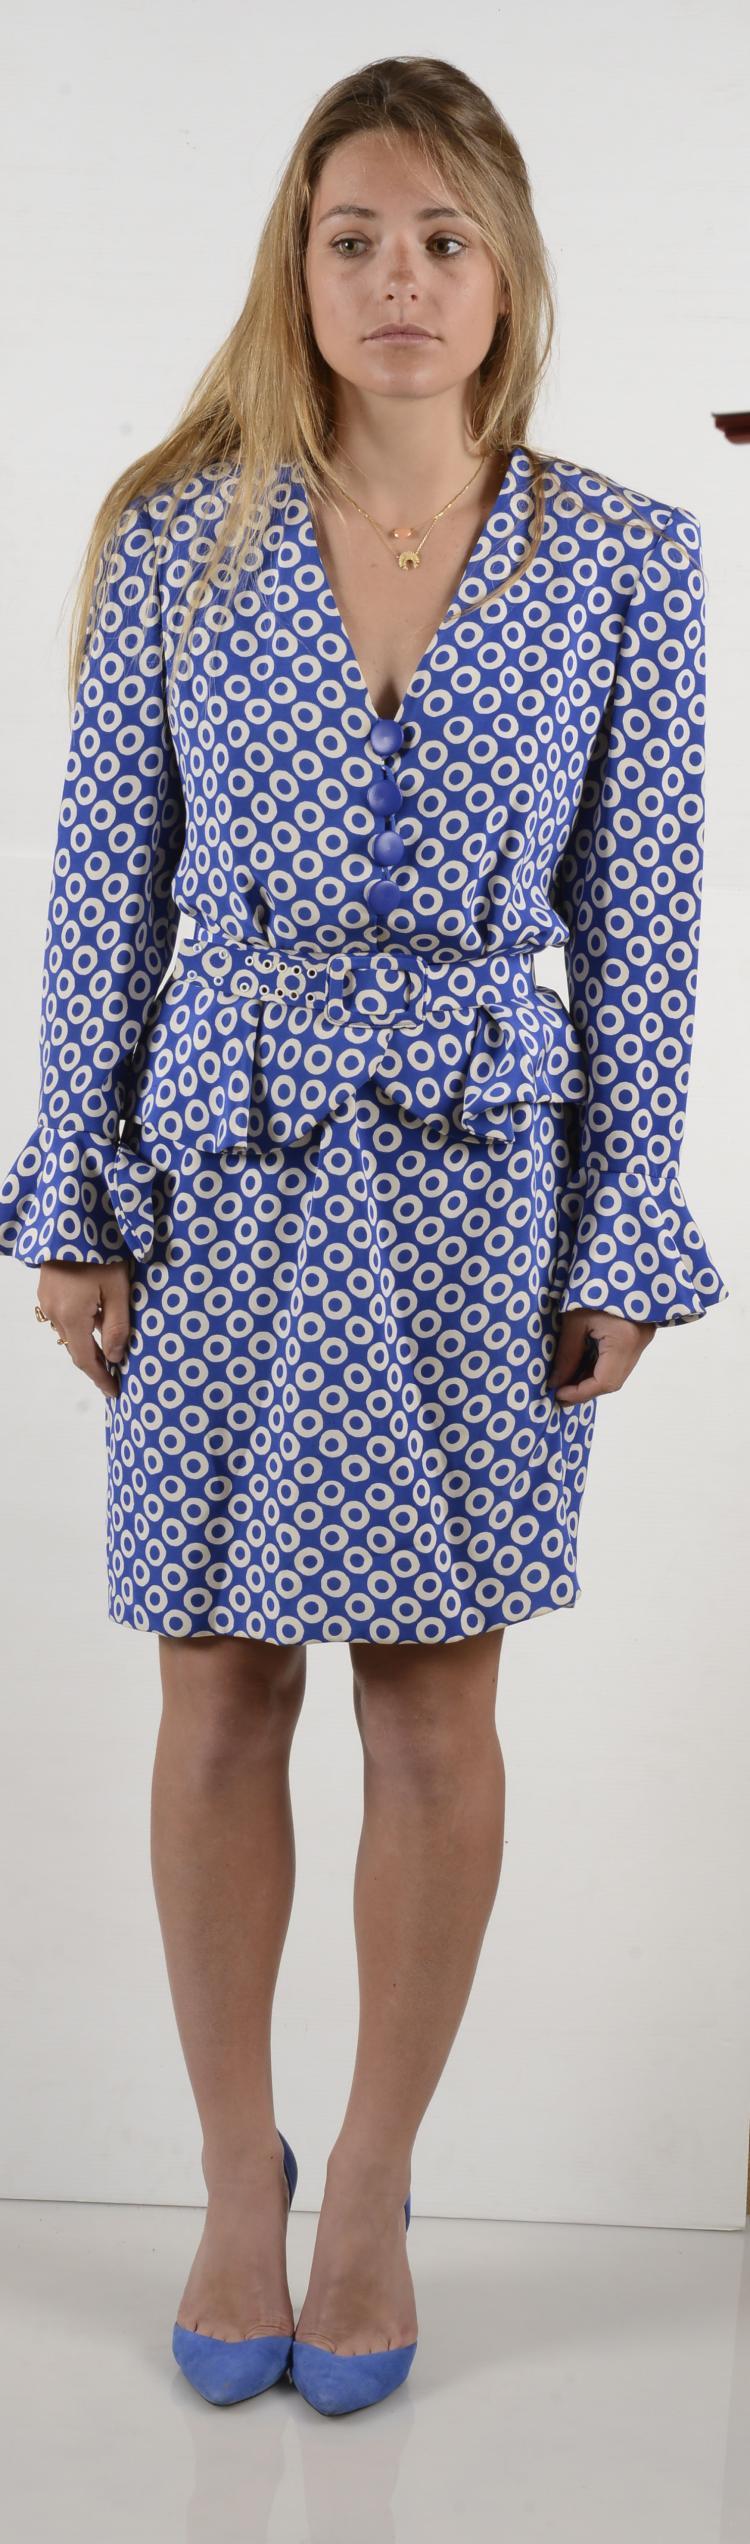 GIVENCHY Paris  Robe bleu électrique et cercle blanc, décolté boutonné par de gros boutons bleus, ceinturé à la taille.